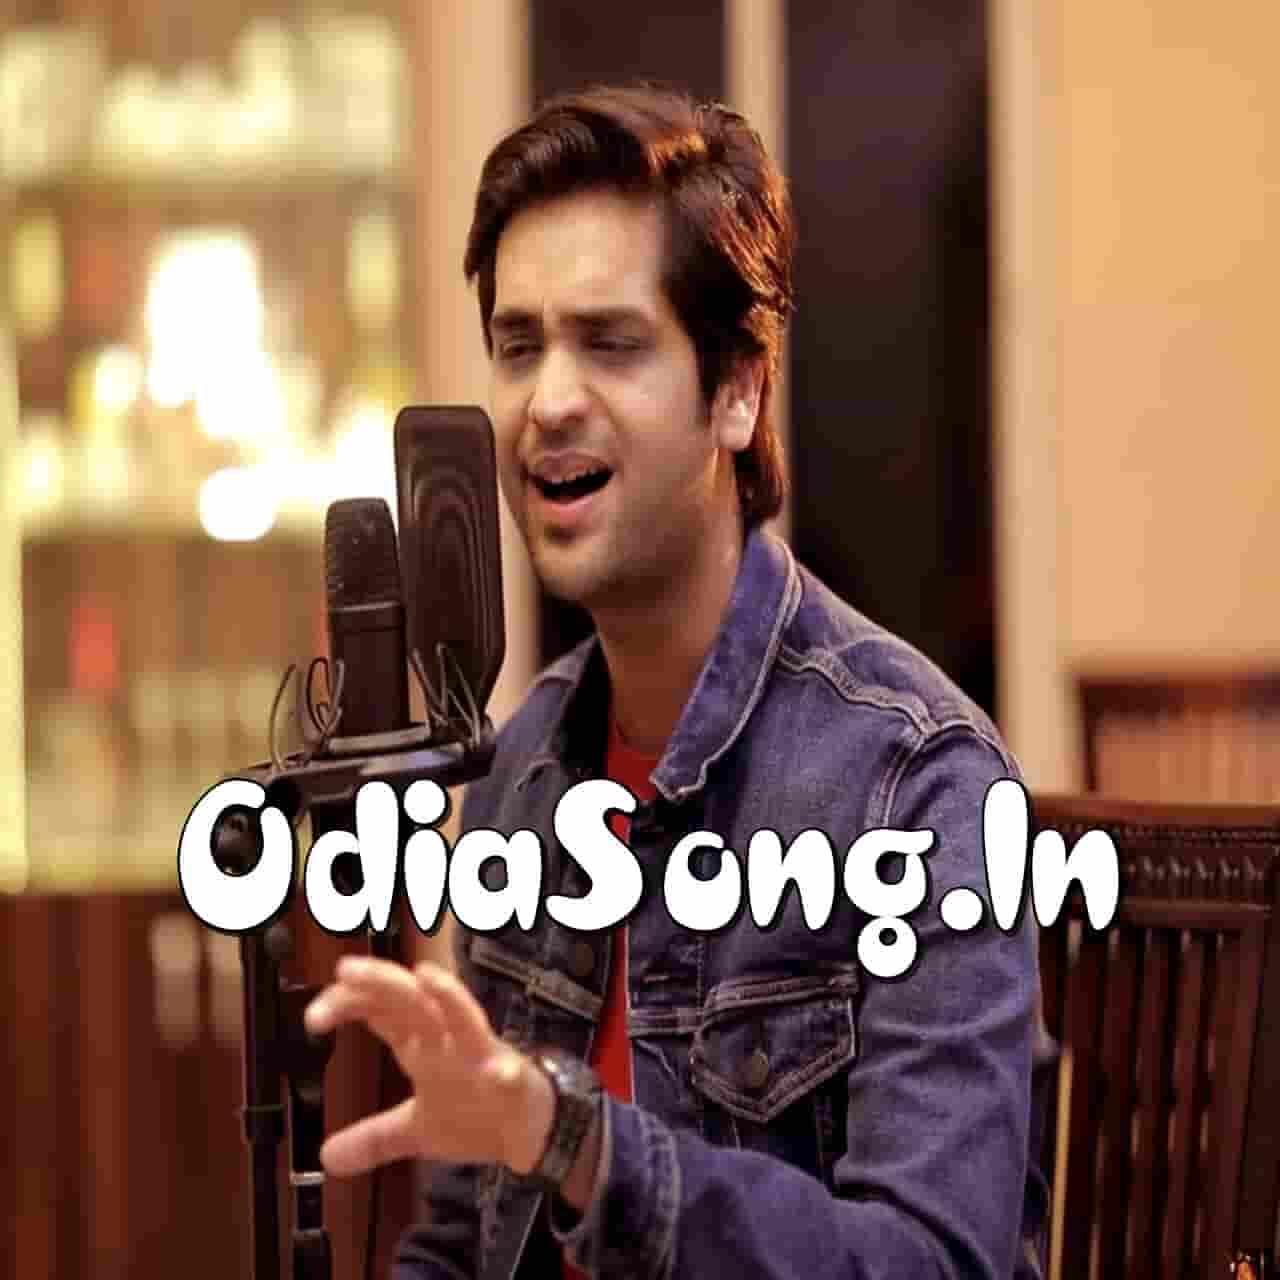 Deewana - Odia Song (Swayam Padhi)